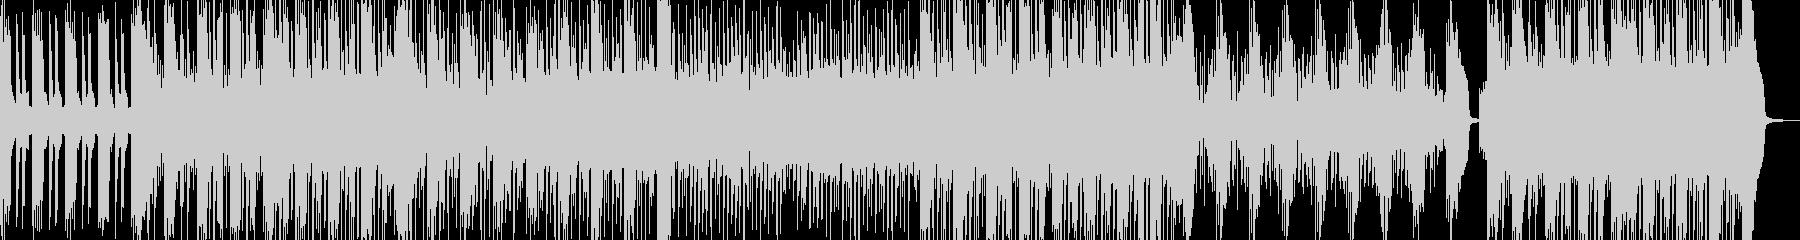 疾走感のあるトランス風サウンドの未再生の波形